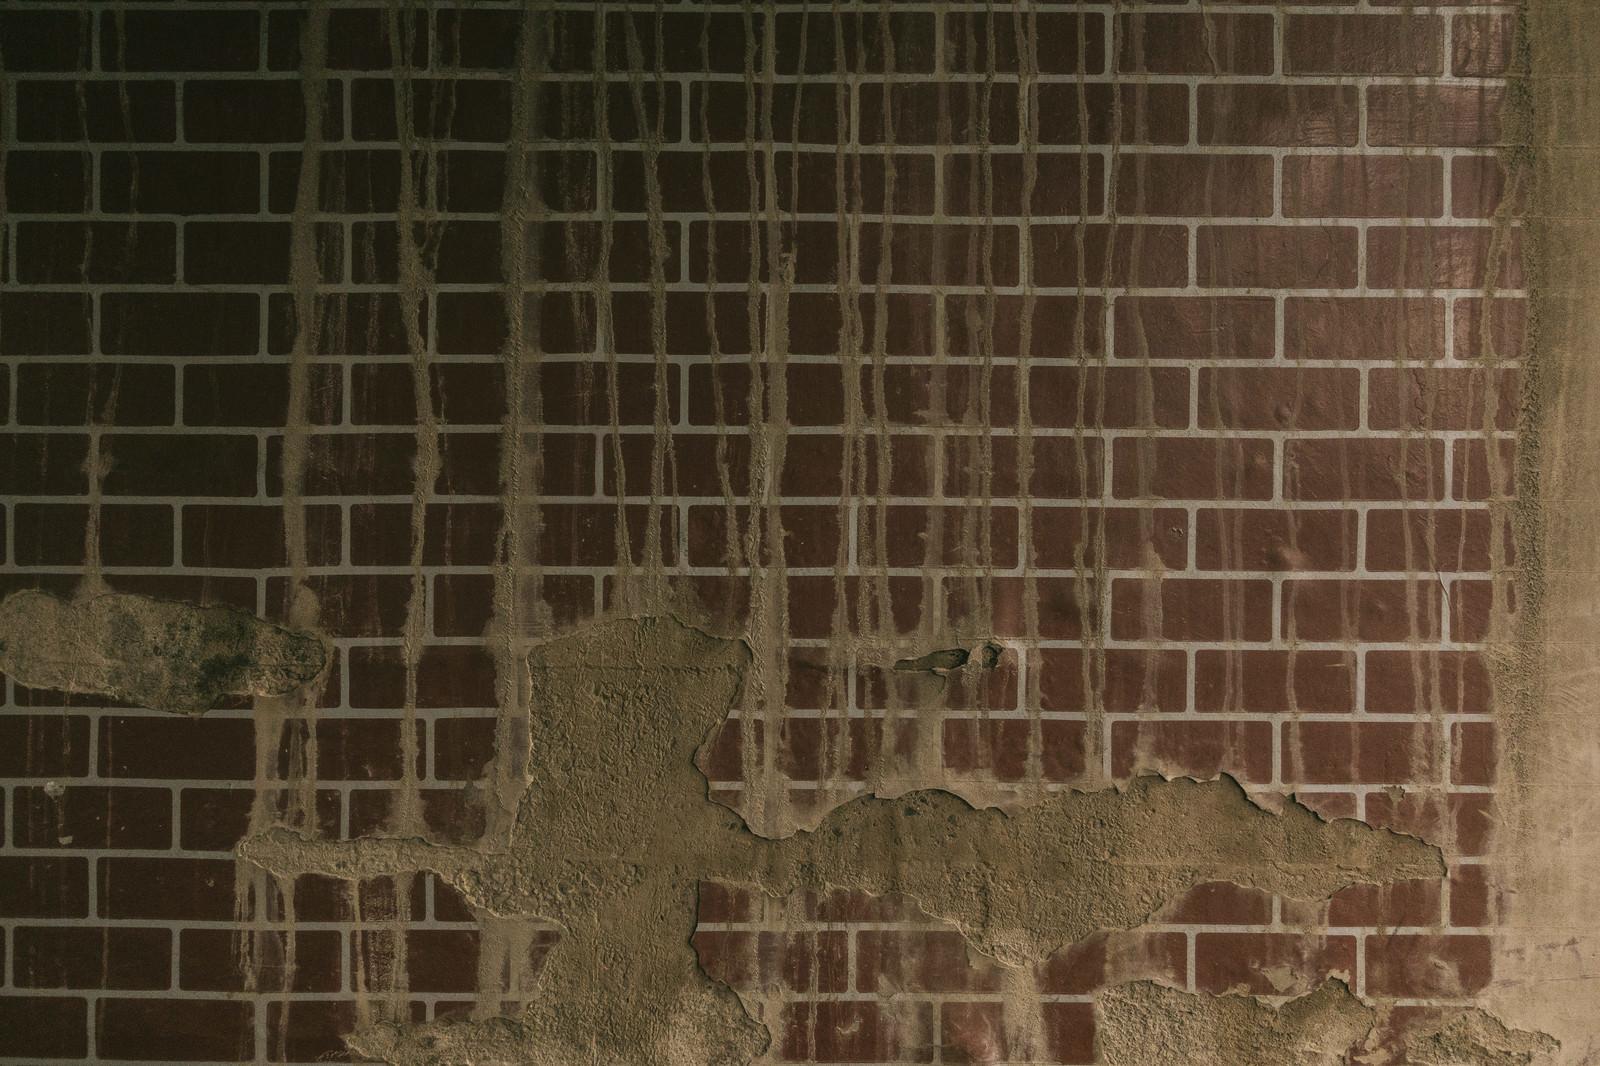 「剥がれ落ちたタイルの壁(テクスチャー)剥がれ落ちたタイルの壁(テクスチャー)」のフリー写真素材を拡大